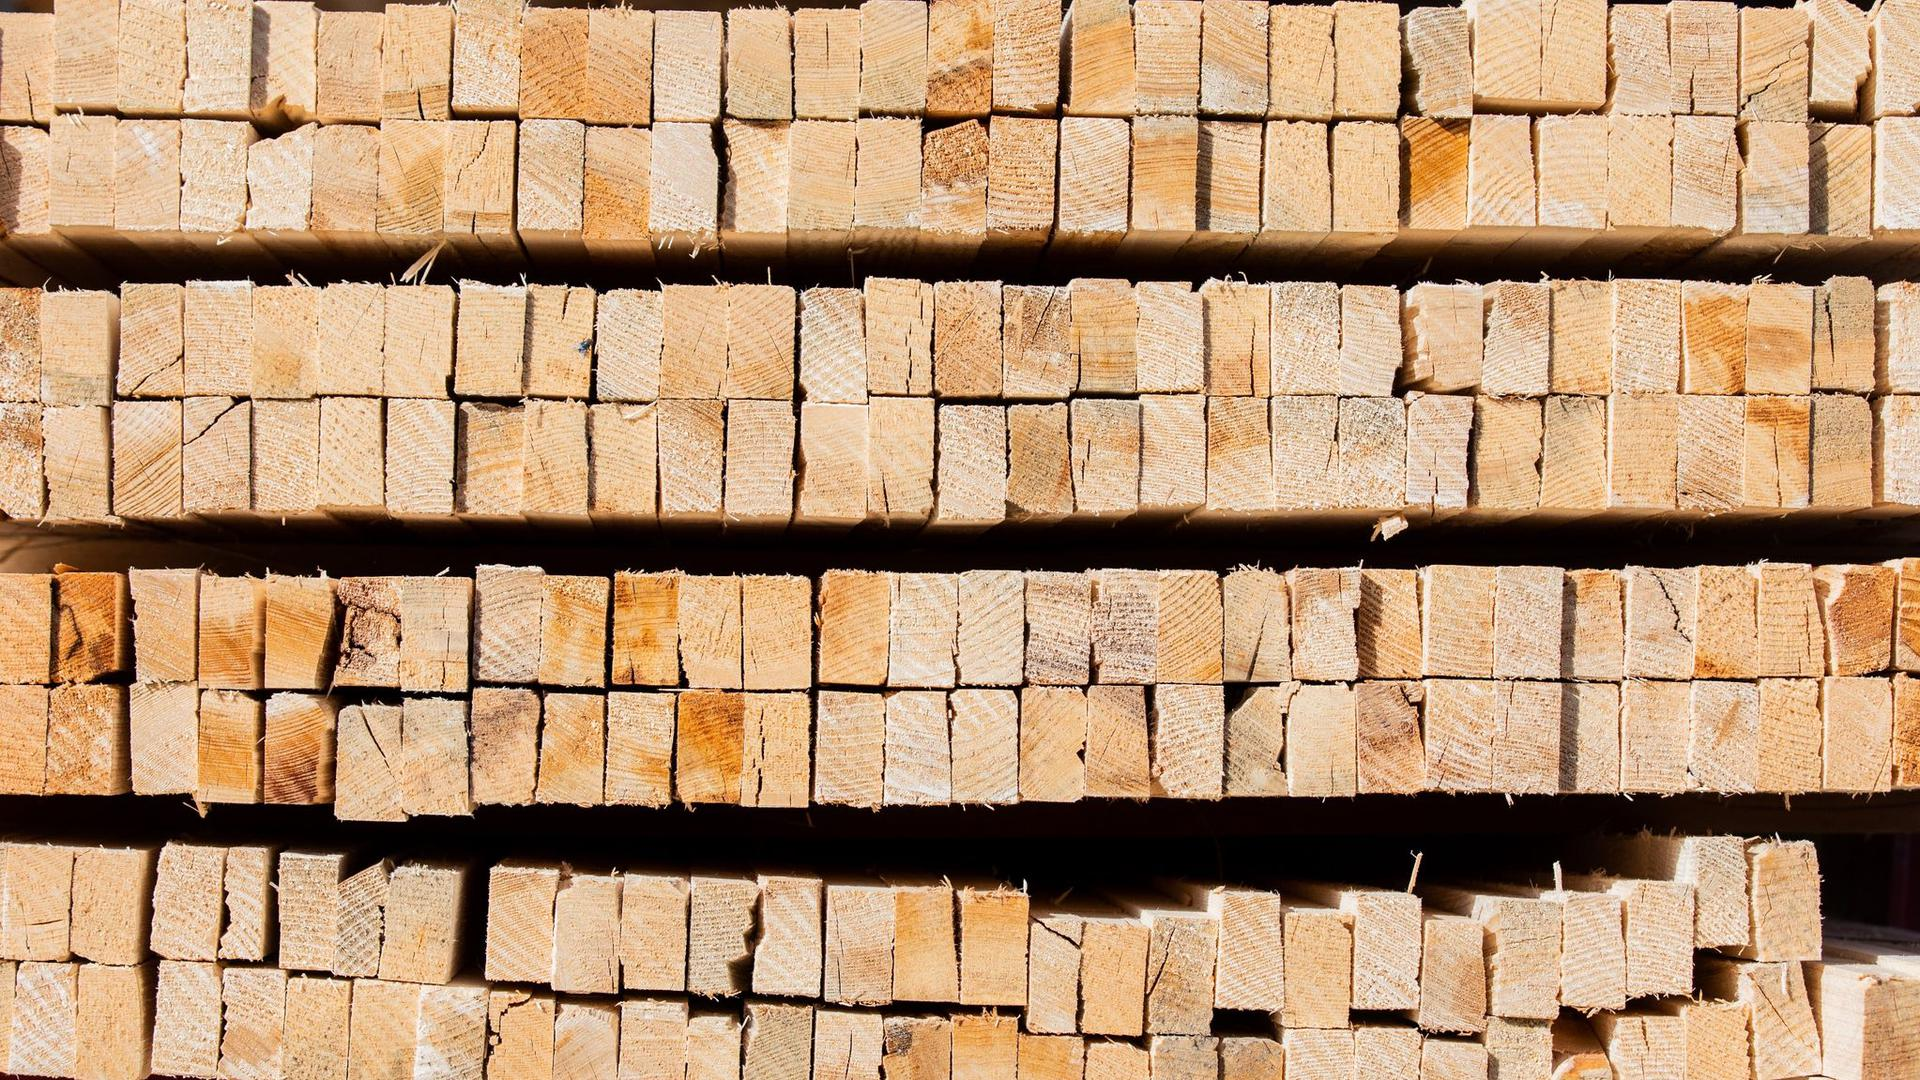 Dachlatten aus Holz sind am Firmensitz eines Dachdeckermeisters zu sehen. Die Rohstoffknappheit droht den Aufschwung im Handwerk zu gefährden.